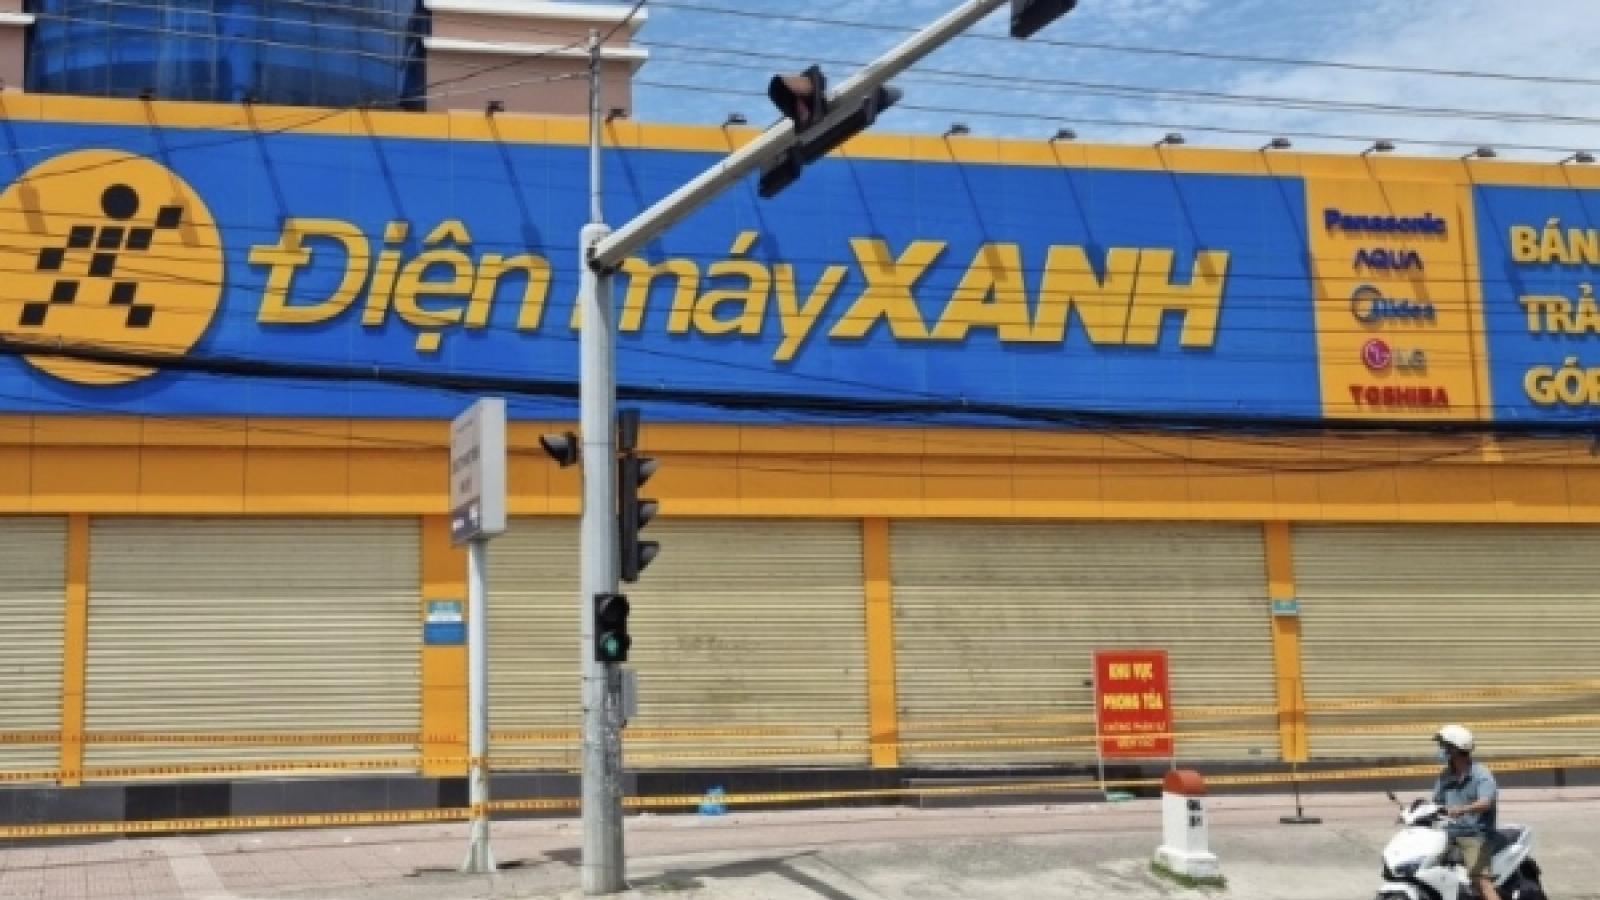 Phong toả siêu thị Điện máy Xanh ở Bà Rịa - Vũng Tàu vì có nhân viên mắc Covid-19